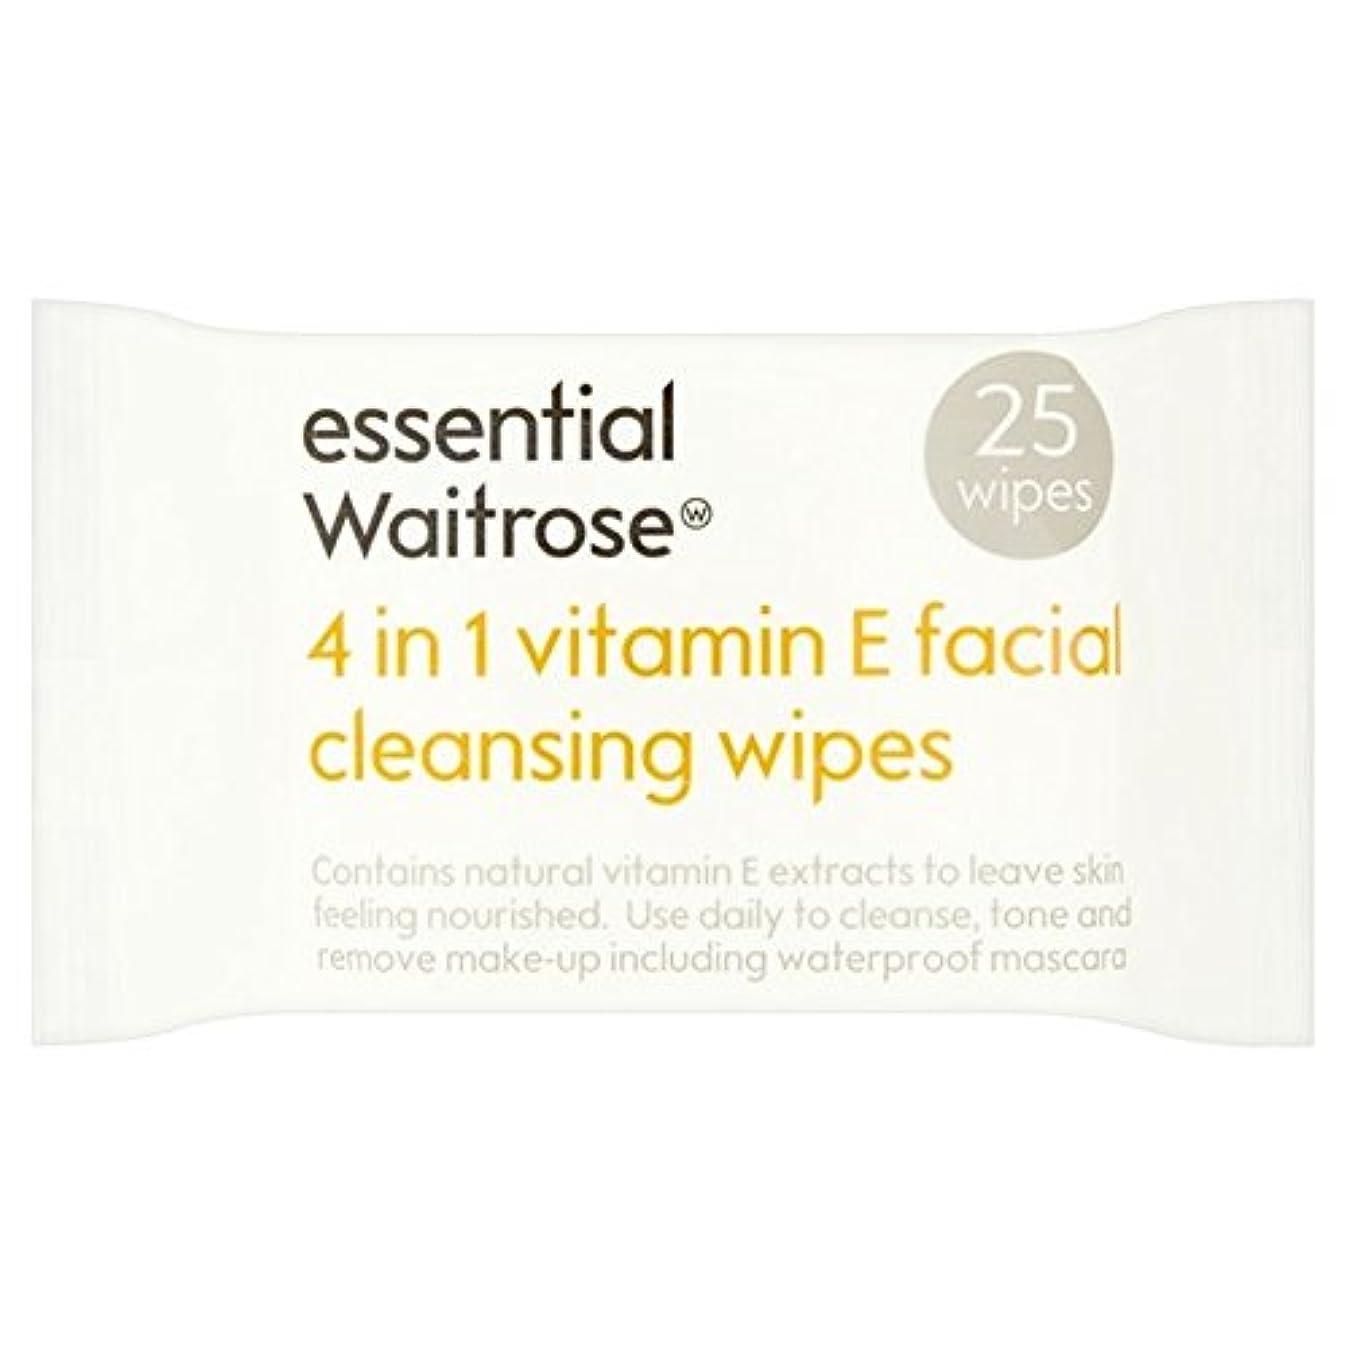 無礼に上に団結するEssential 4 in 1 Cleansing Wipes Vitamin E Waitrose 25 per pack (Pack of 6) - 1つのクレンジングで4不可欠パックあたりのビタミンウェイトローズ...